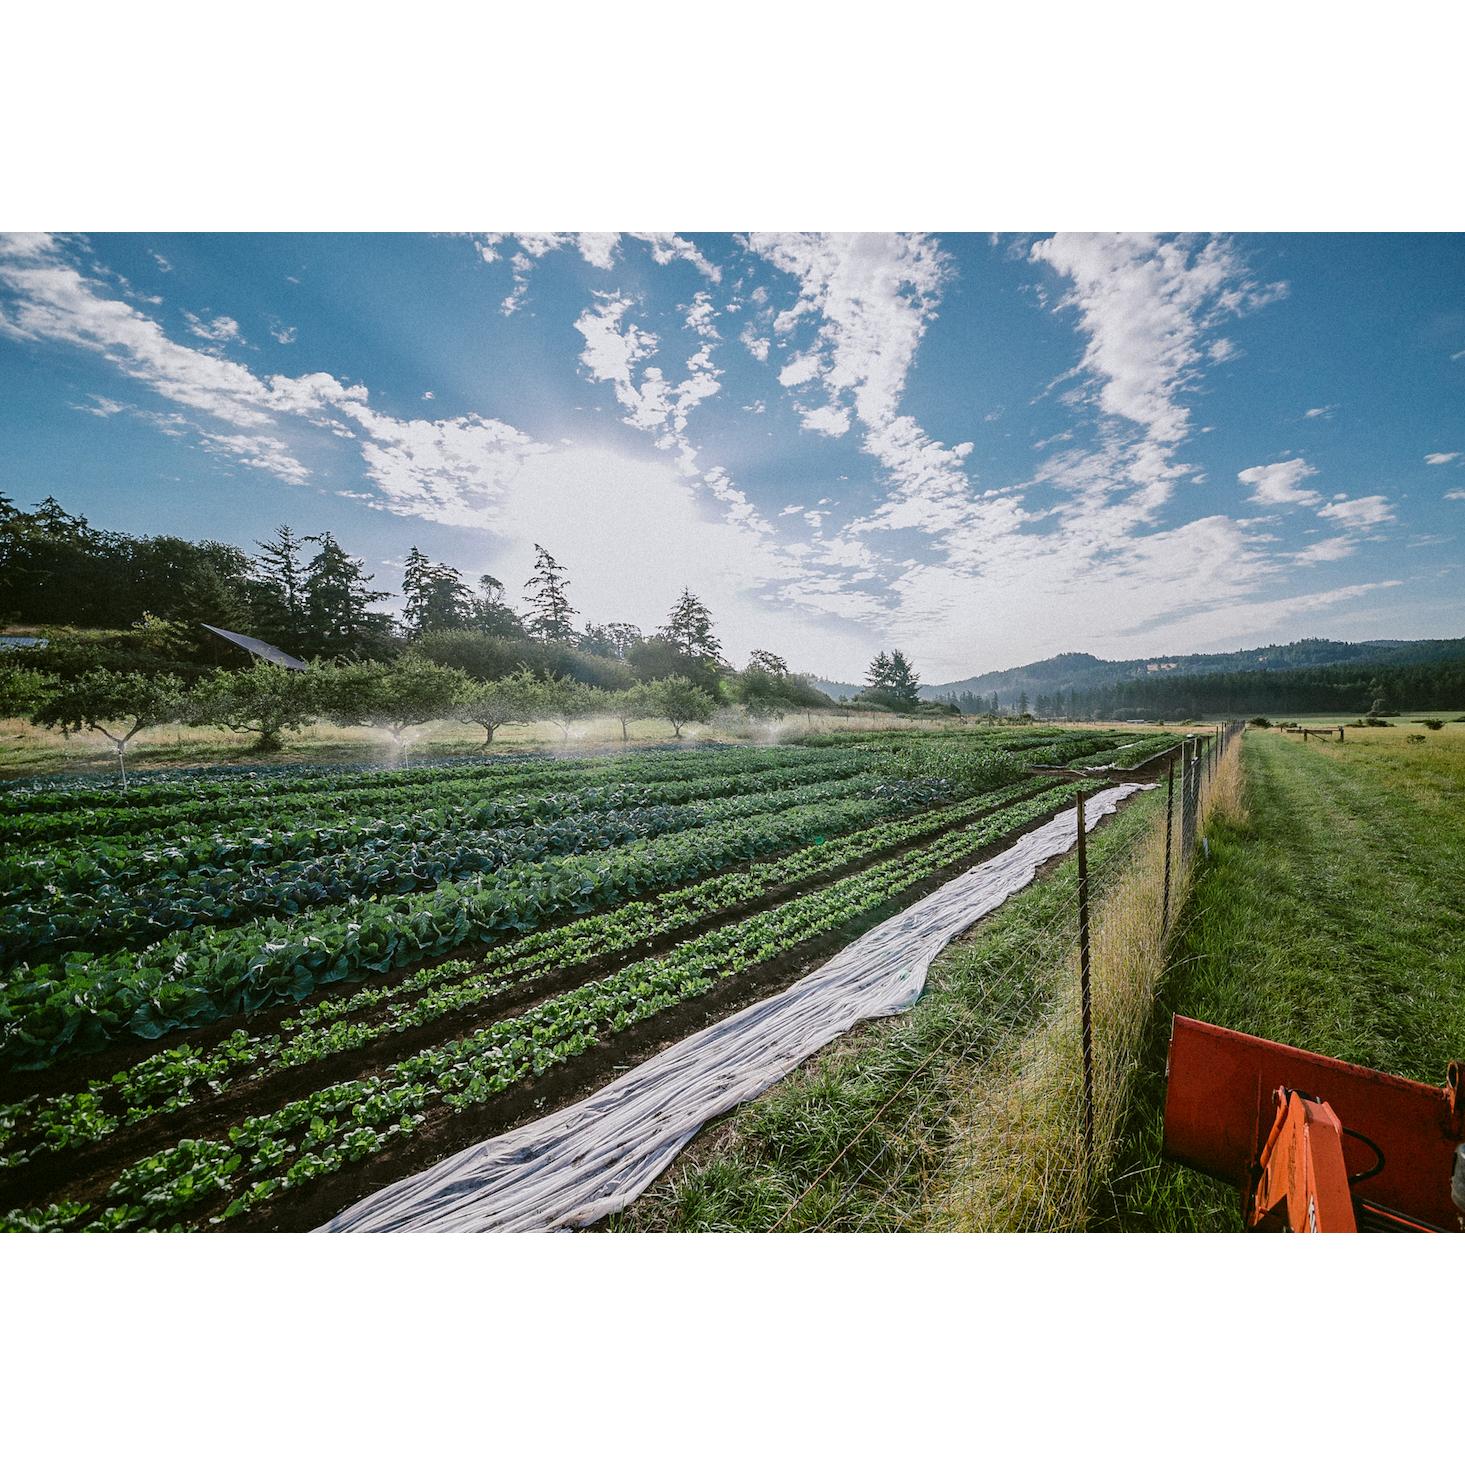 Joon Farm